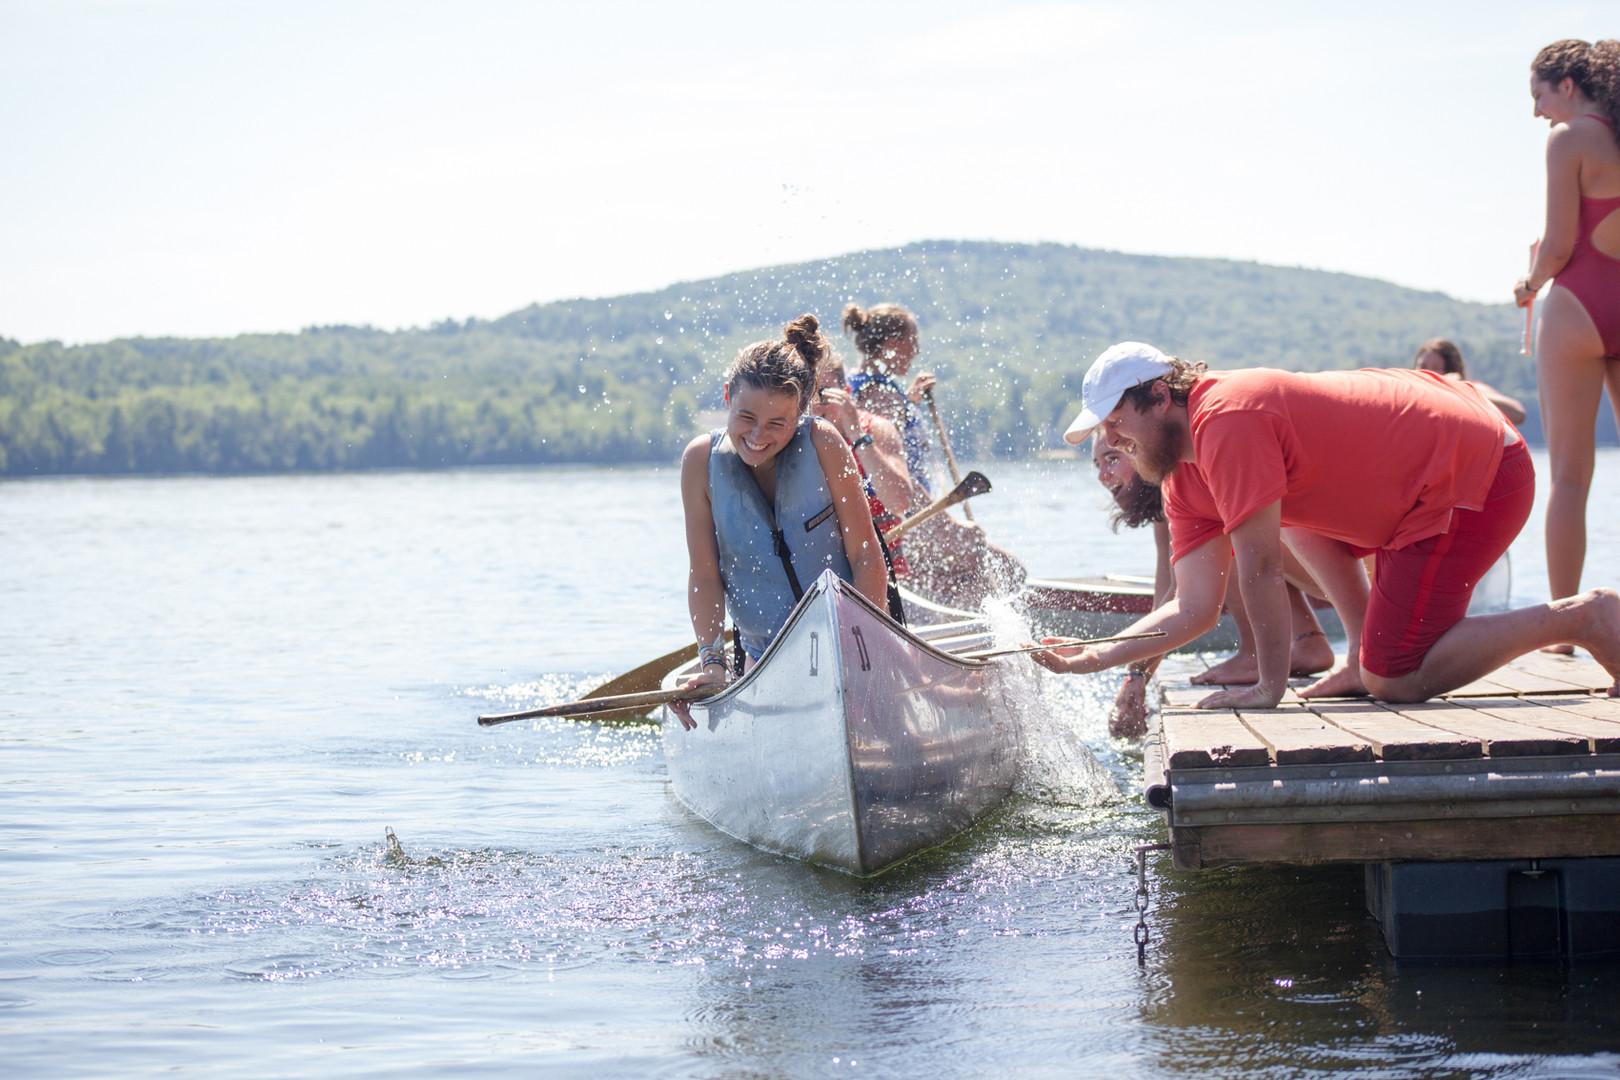 Arcadia Canoeing